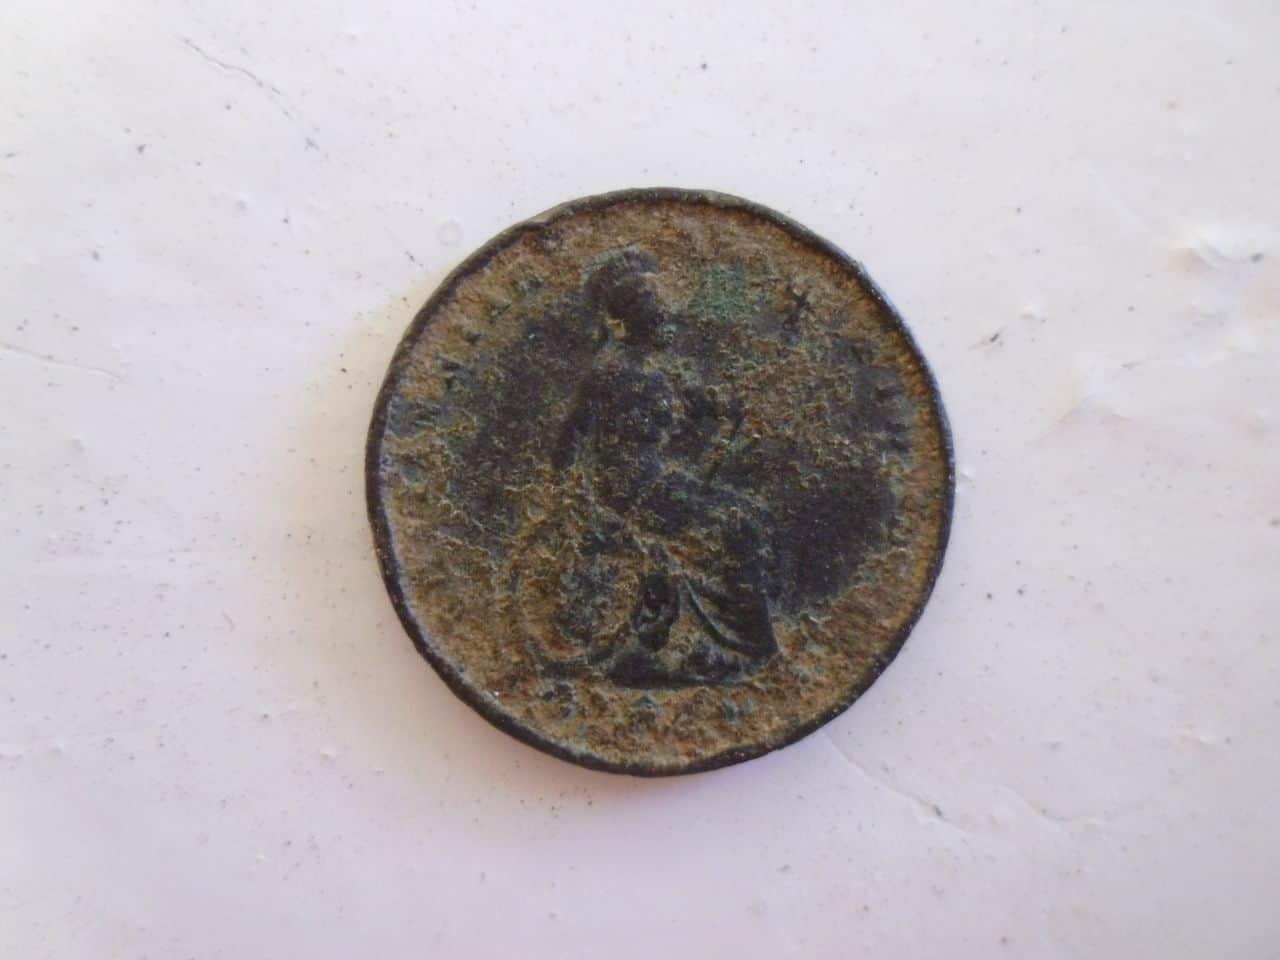 1 Farthing (1/4 Penny). Reino Unido. 1826 P1110685